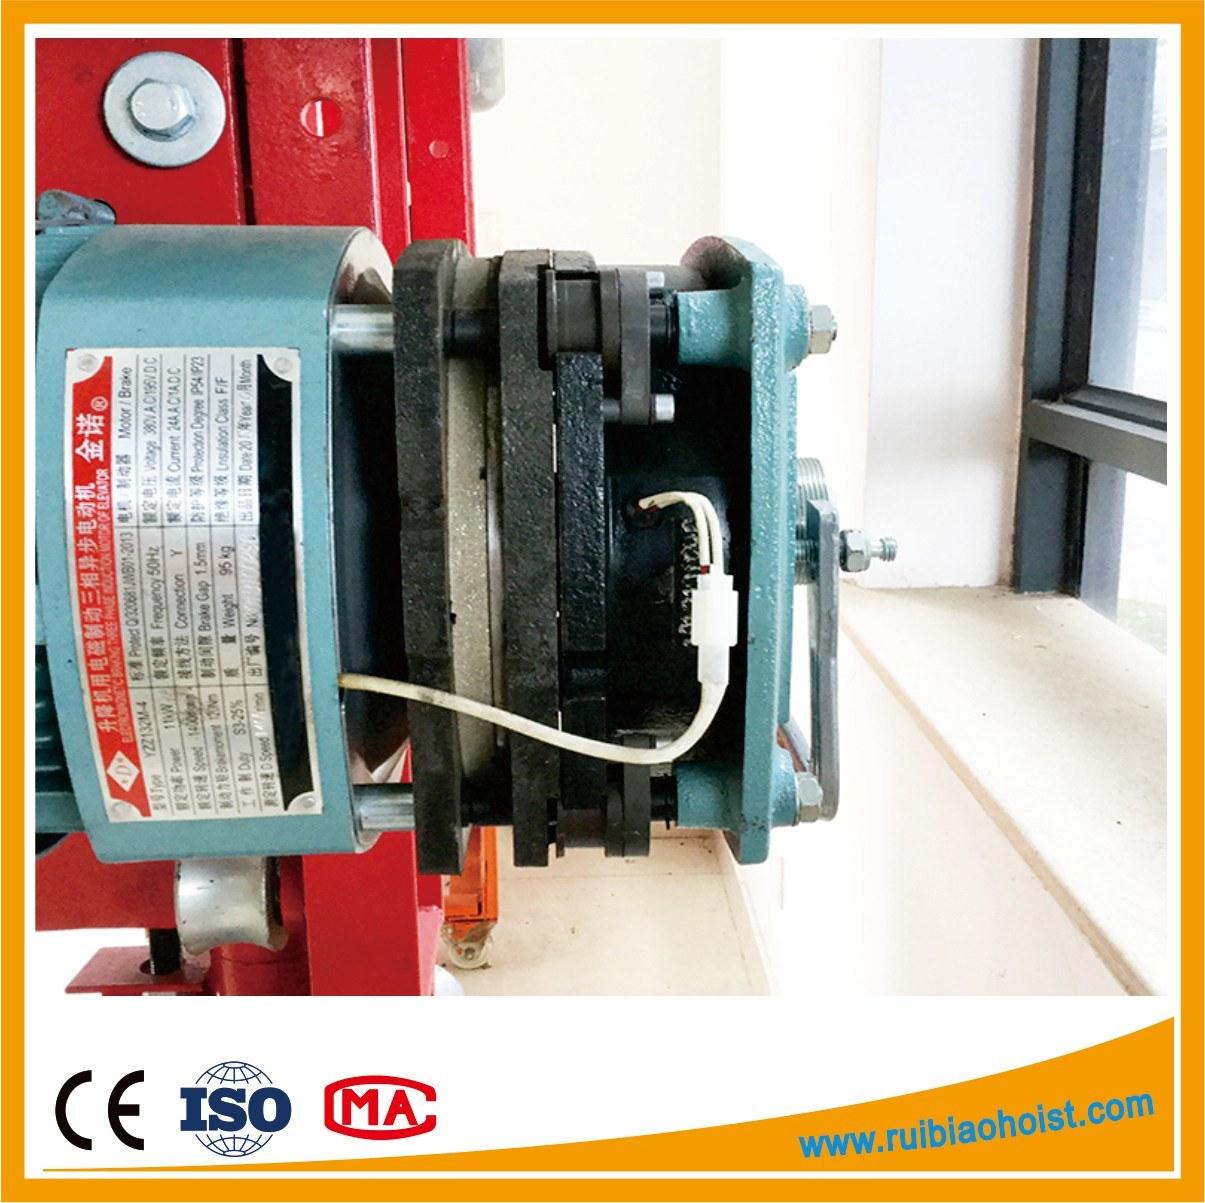 Gjj, Baoda Brand Passenger Hoist Motor for Lift Elevator Spare Parts, Material Hoist Motor, Construction Hoist Motor